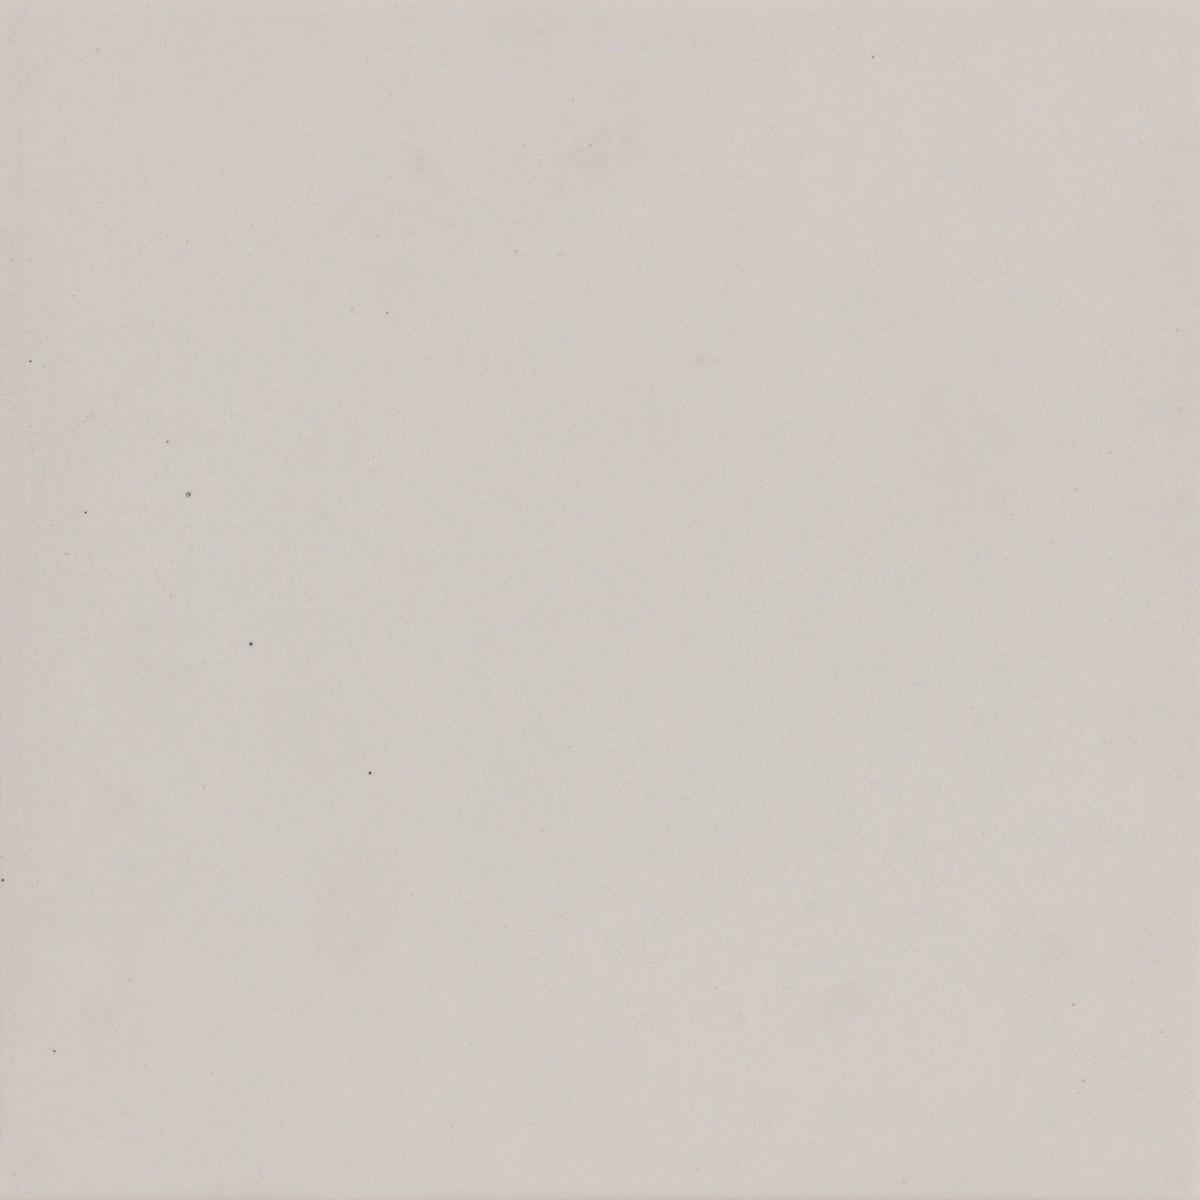 Girona Plain White Matt Wall And Floor